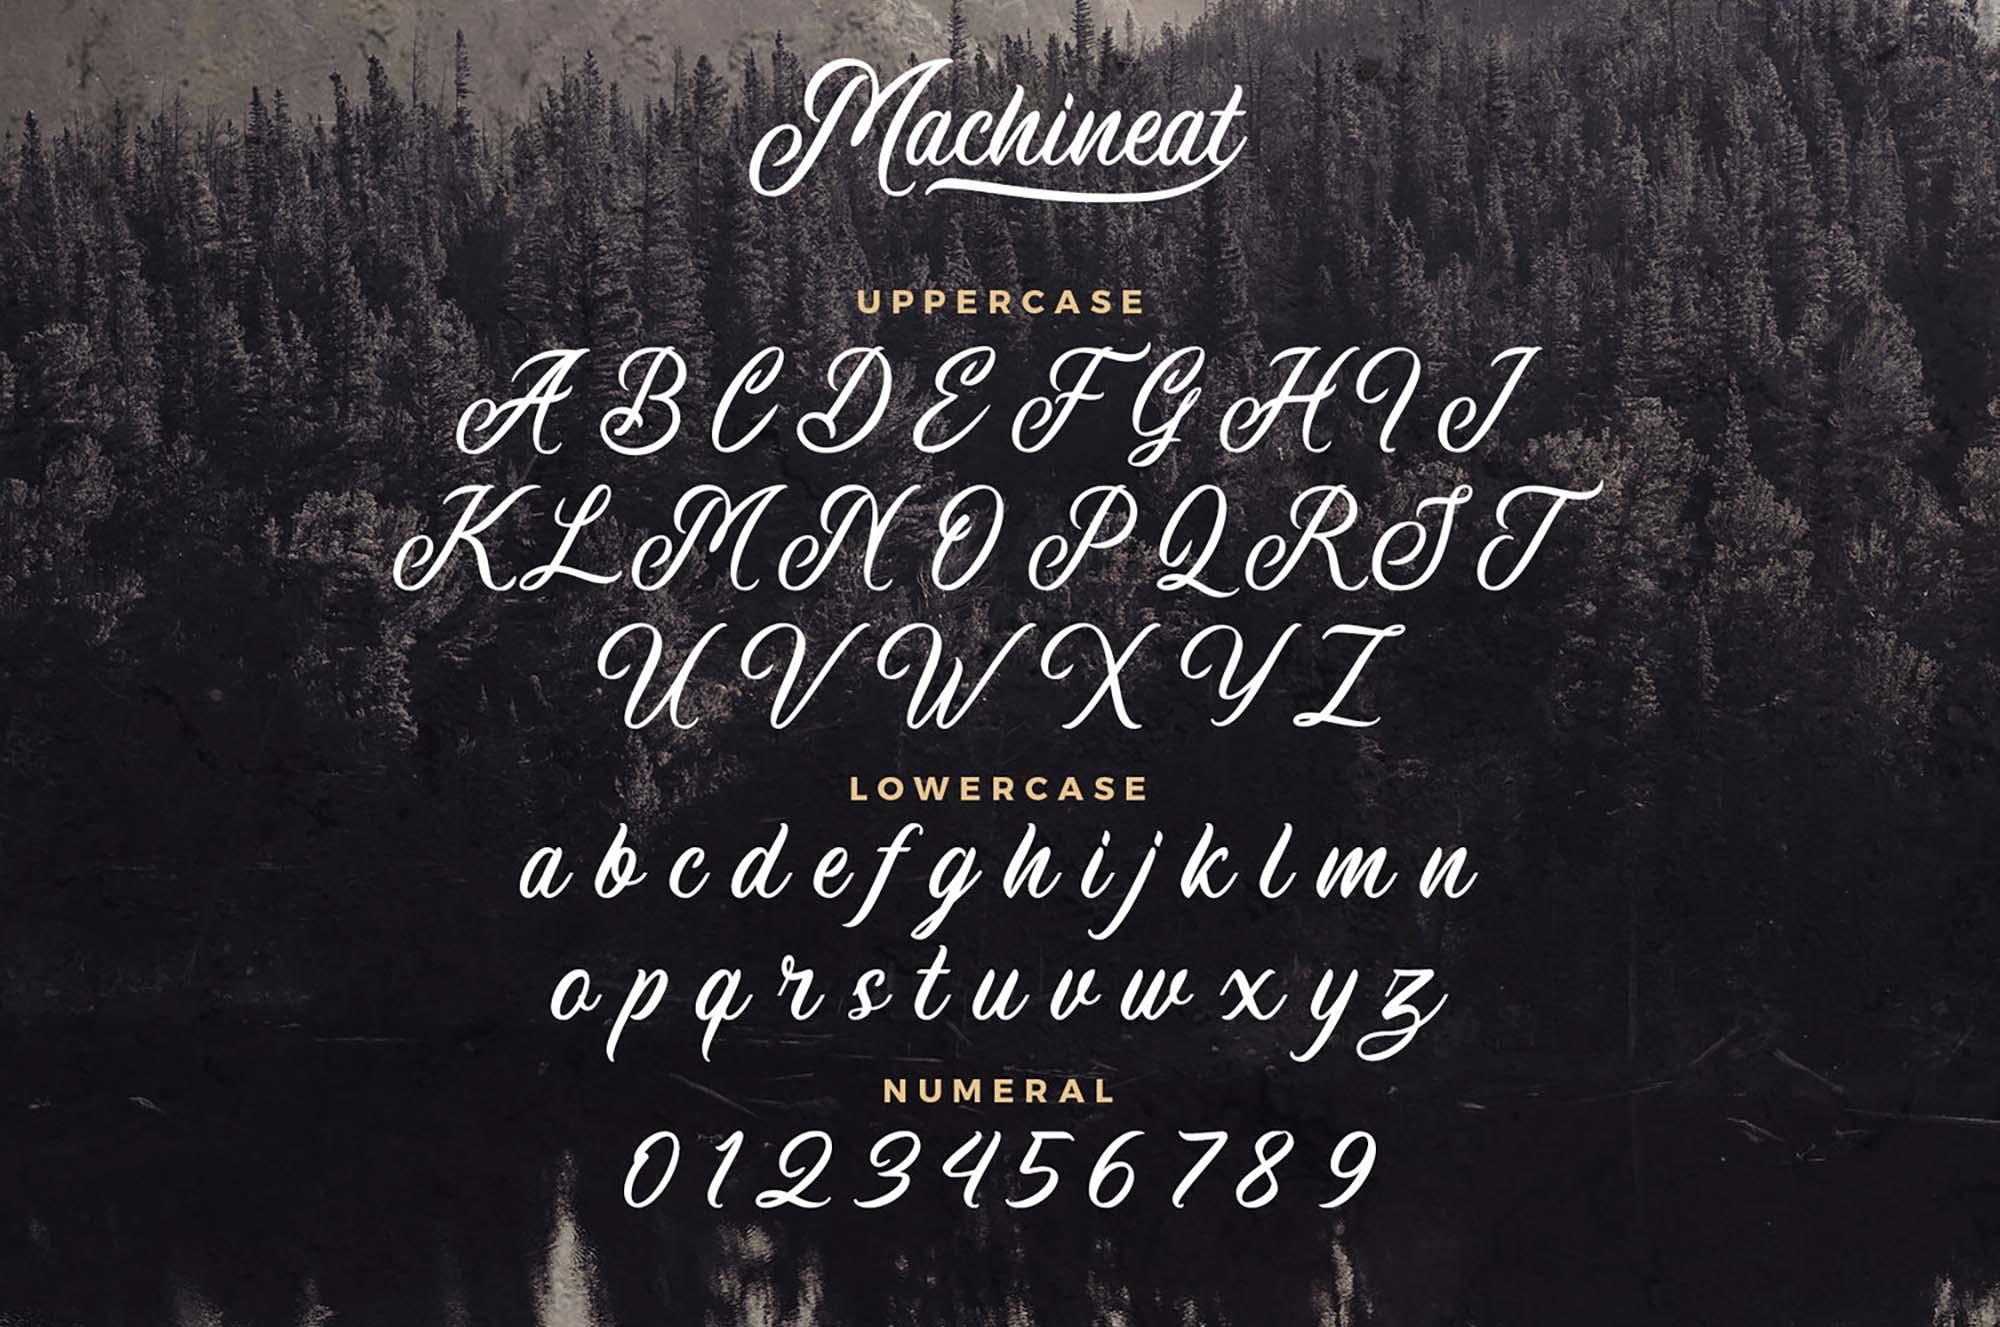 Шрифт Machineat Латиница